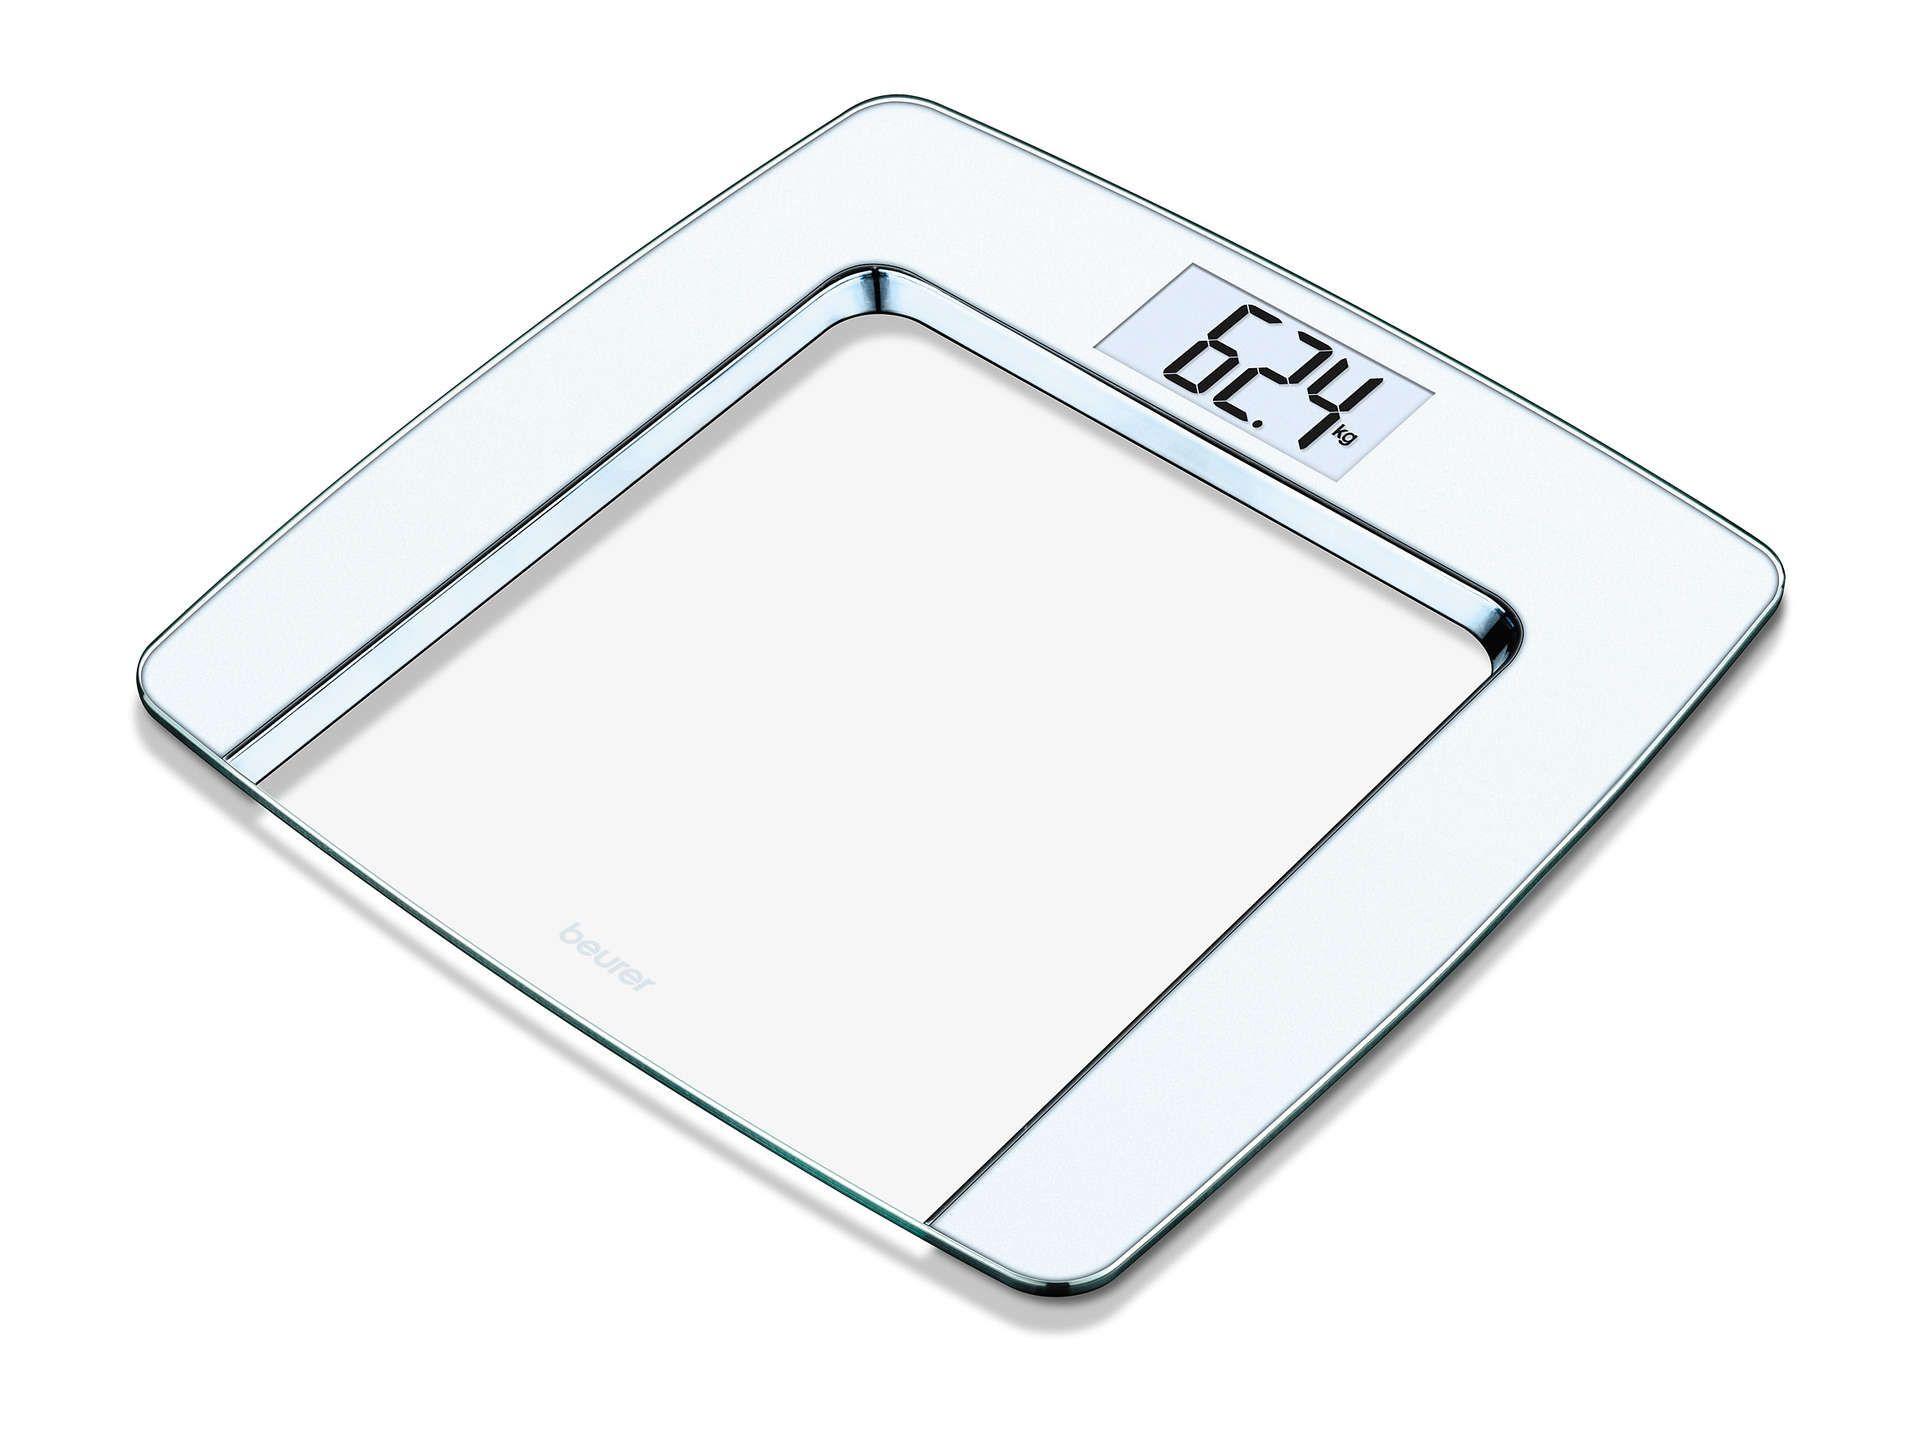 Gs 490 White